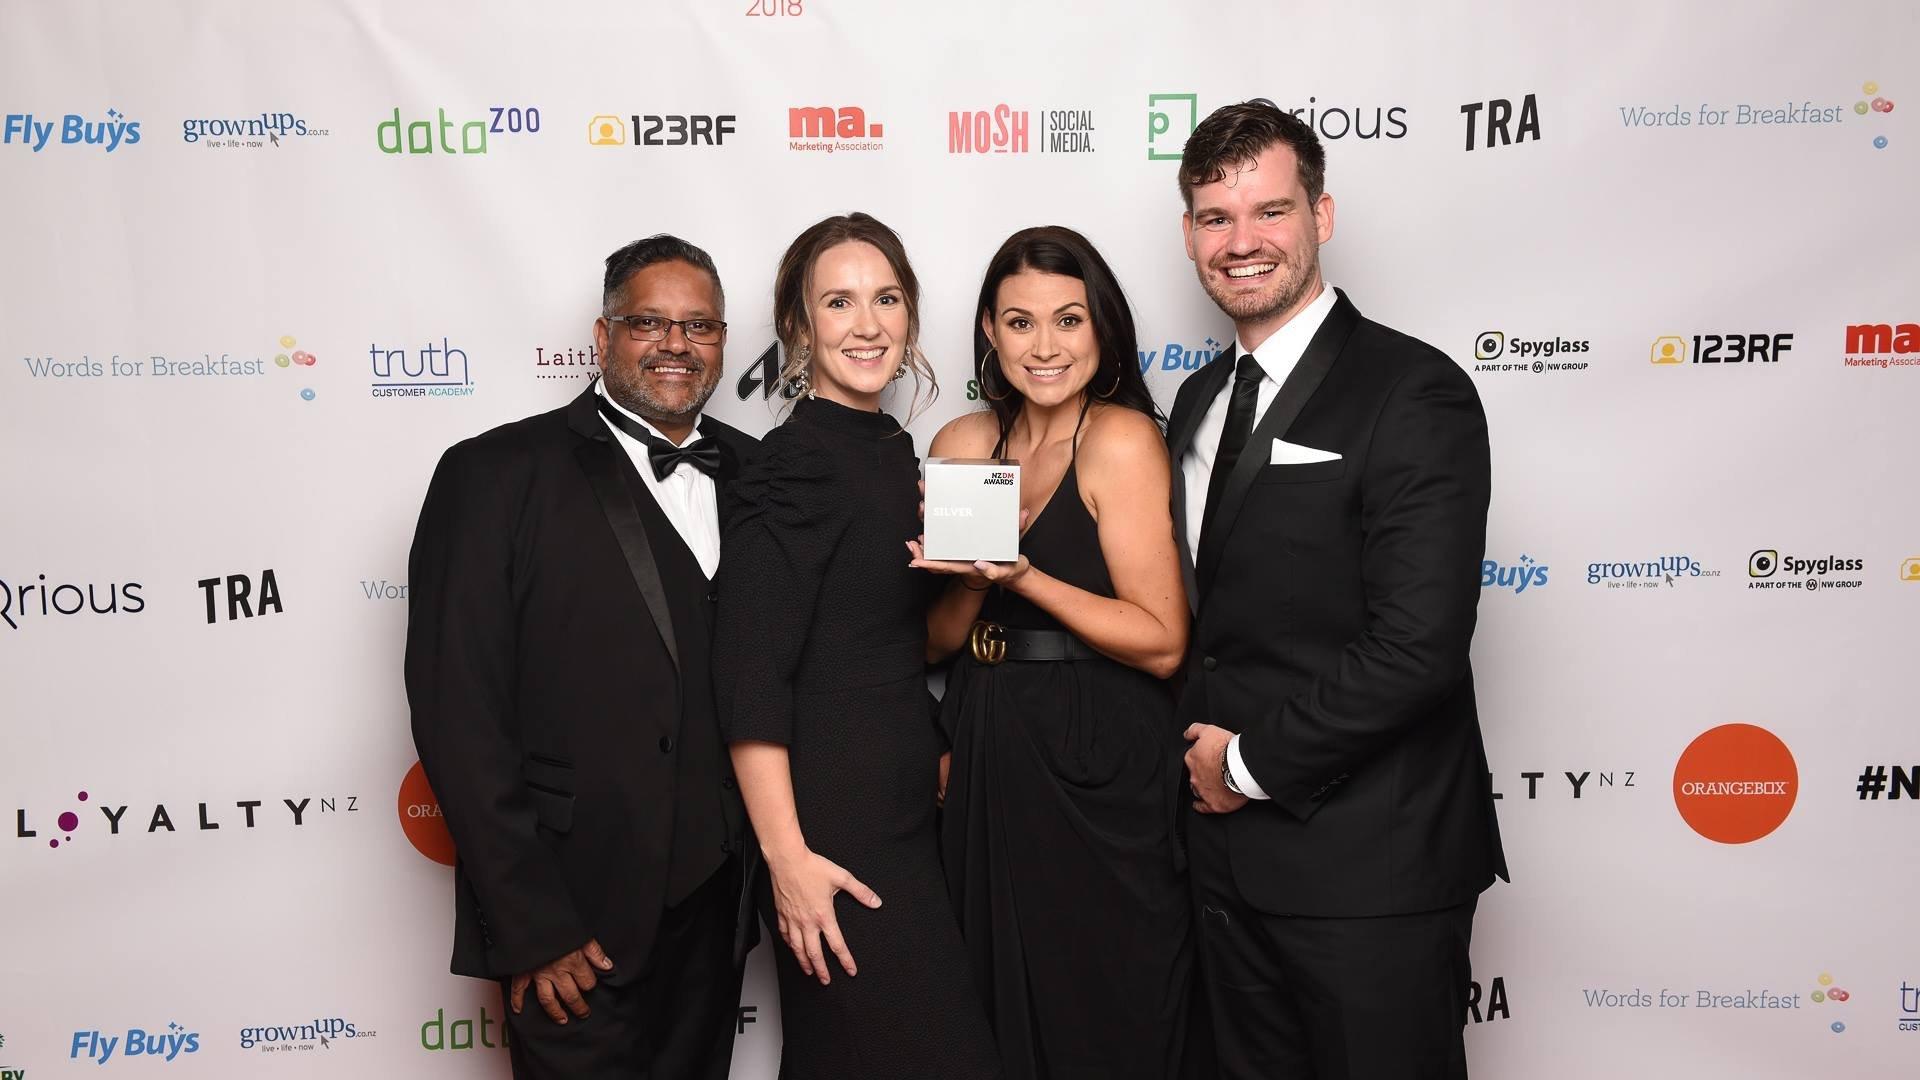 award-winning digital marketing agency